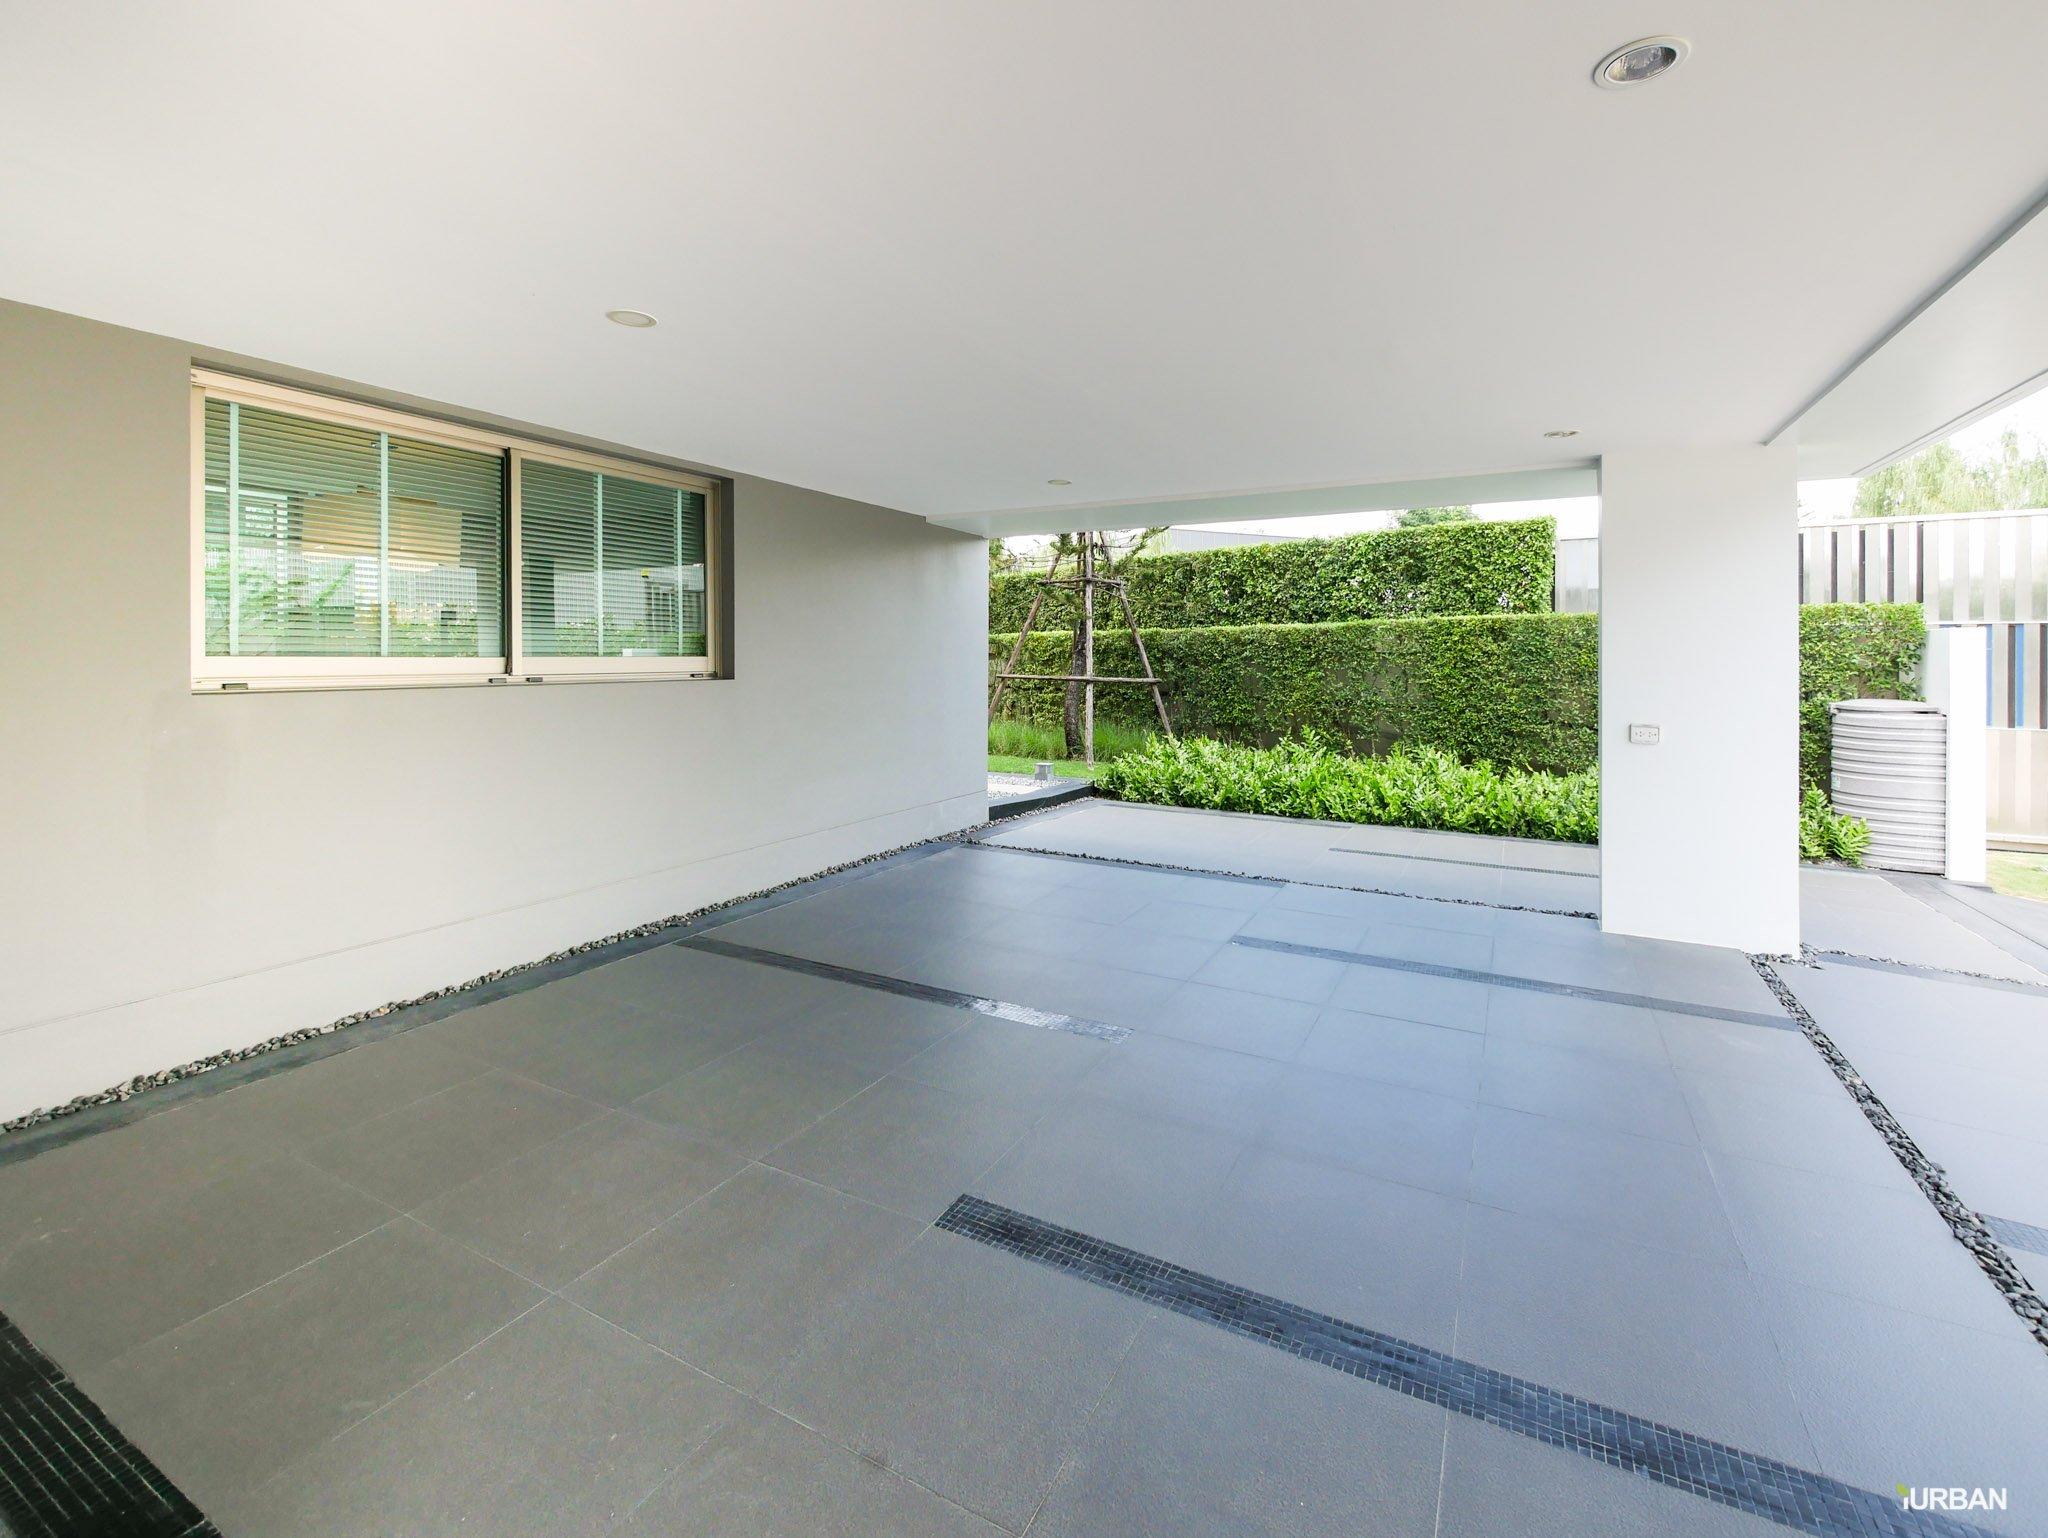 รีวิว Nirvana Beyond พระราม 2 บ้านที่ออกแบบทุกดีเทลเพื่อความสุขทุก GEN ของครอบครัวใหญ่ 157 - Beyond